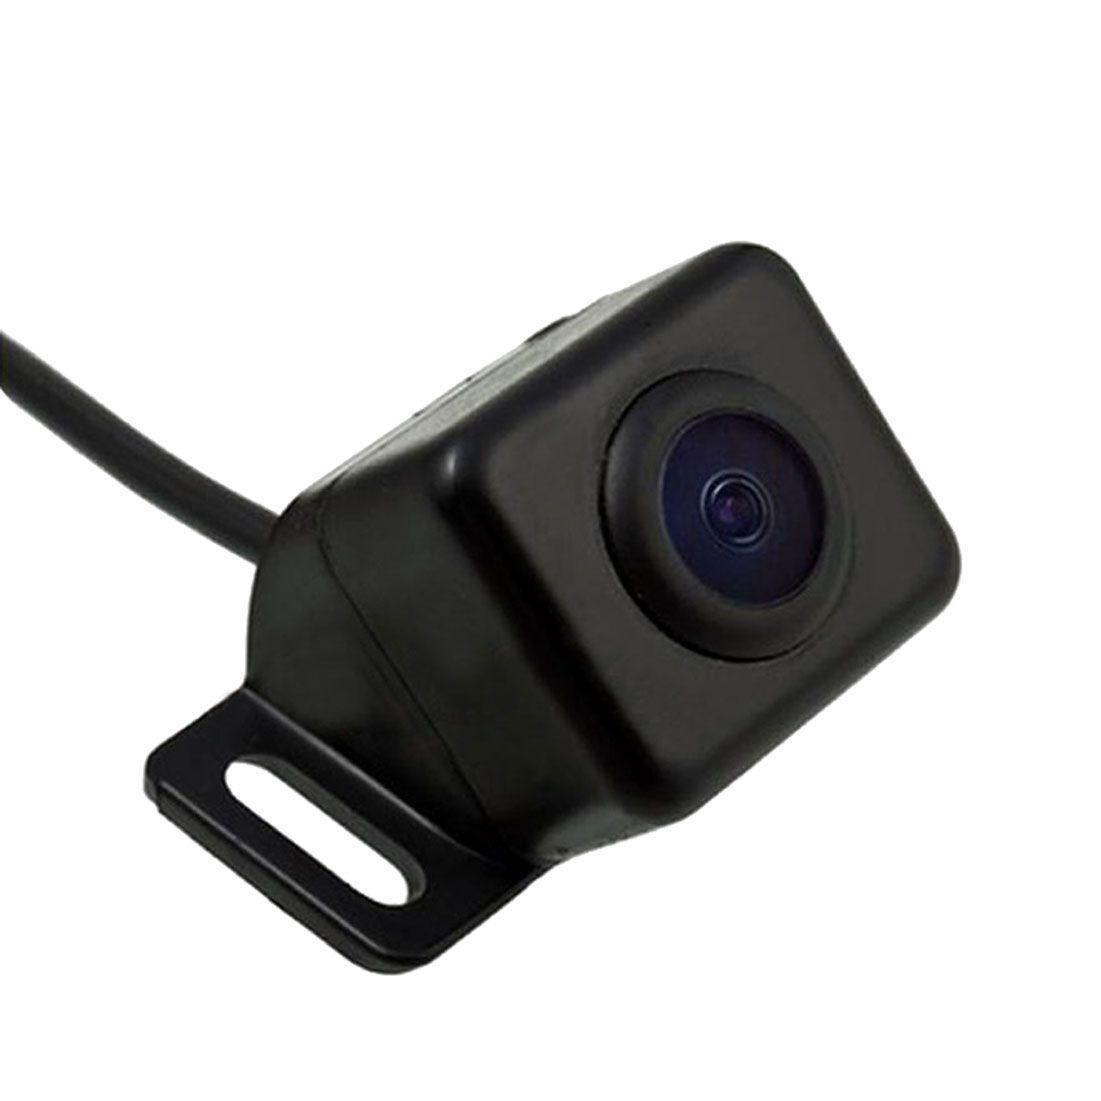 Livraison gratuite véhicule couleur vue Max 170 Angle caméra de sauvegarde voiture caméra arrière caméra arrière caméra arrière voiture rétroviseur caméra